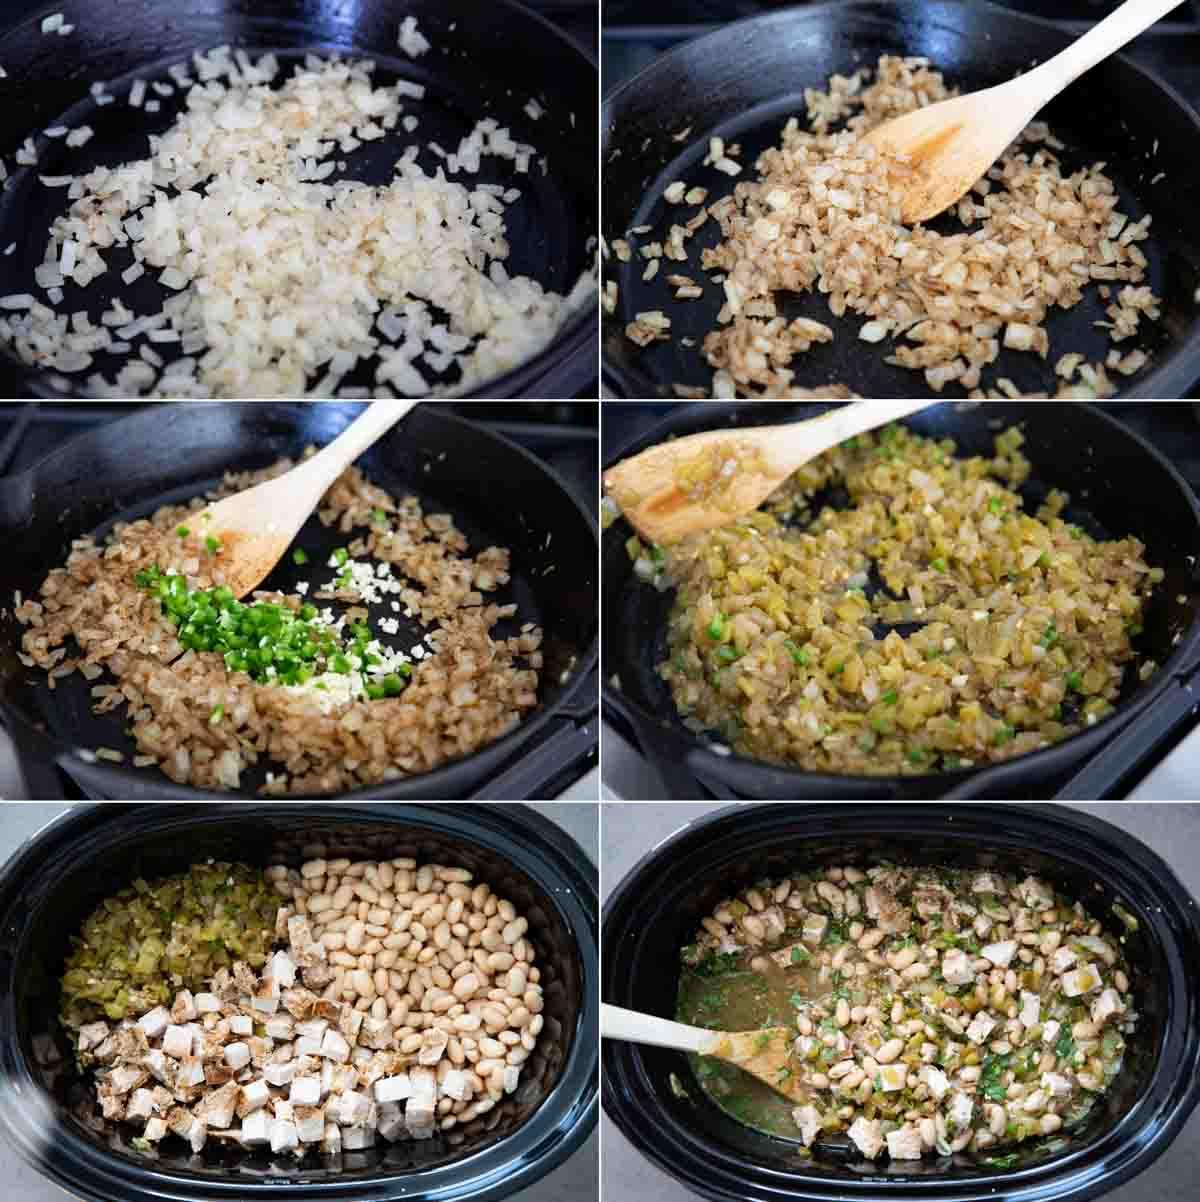 steps to make white turkey chili